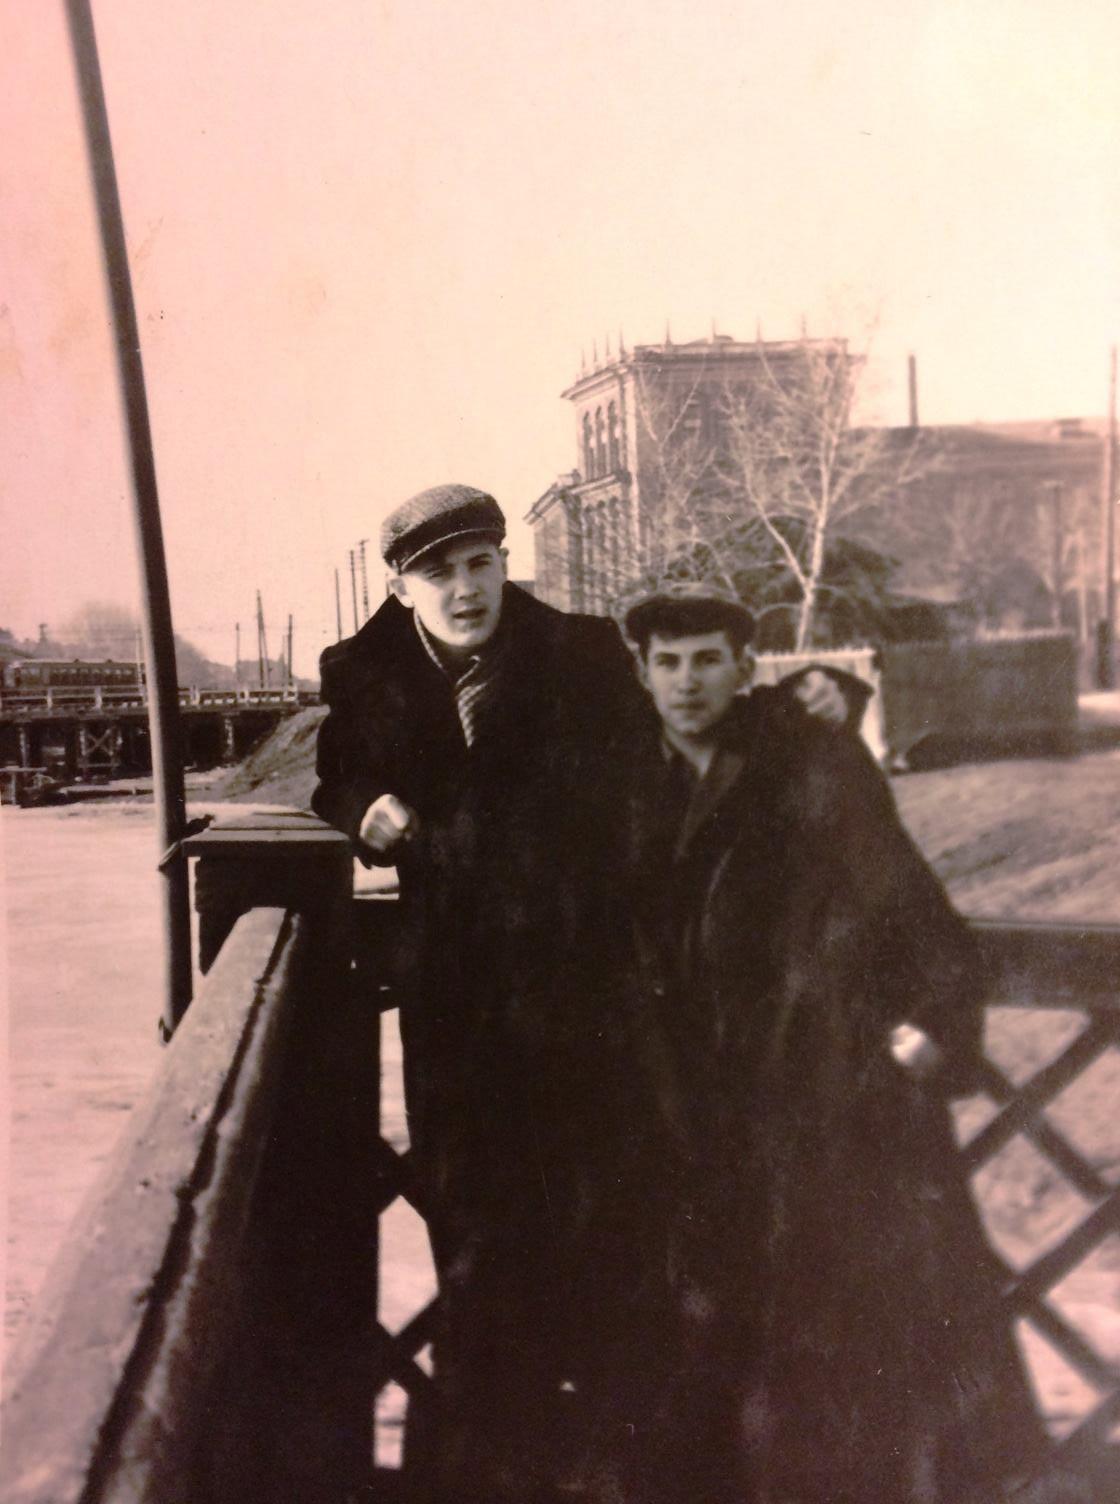 1954-1956. Озеро Кабан, лодочная станция Спартак. Слева Гатаев Валерий Закирович - народный артист РСФСР